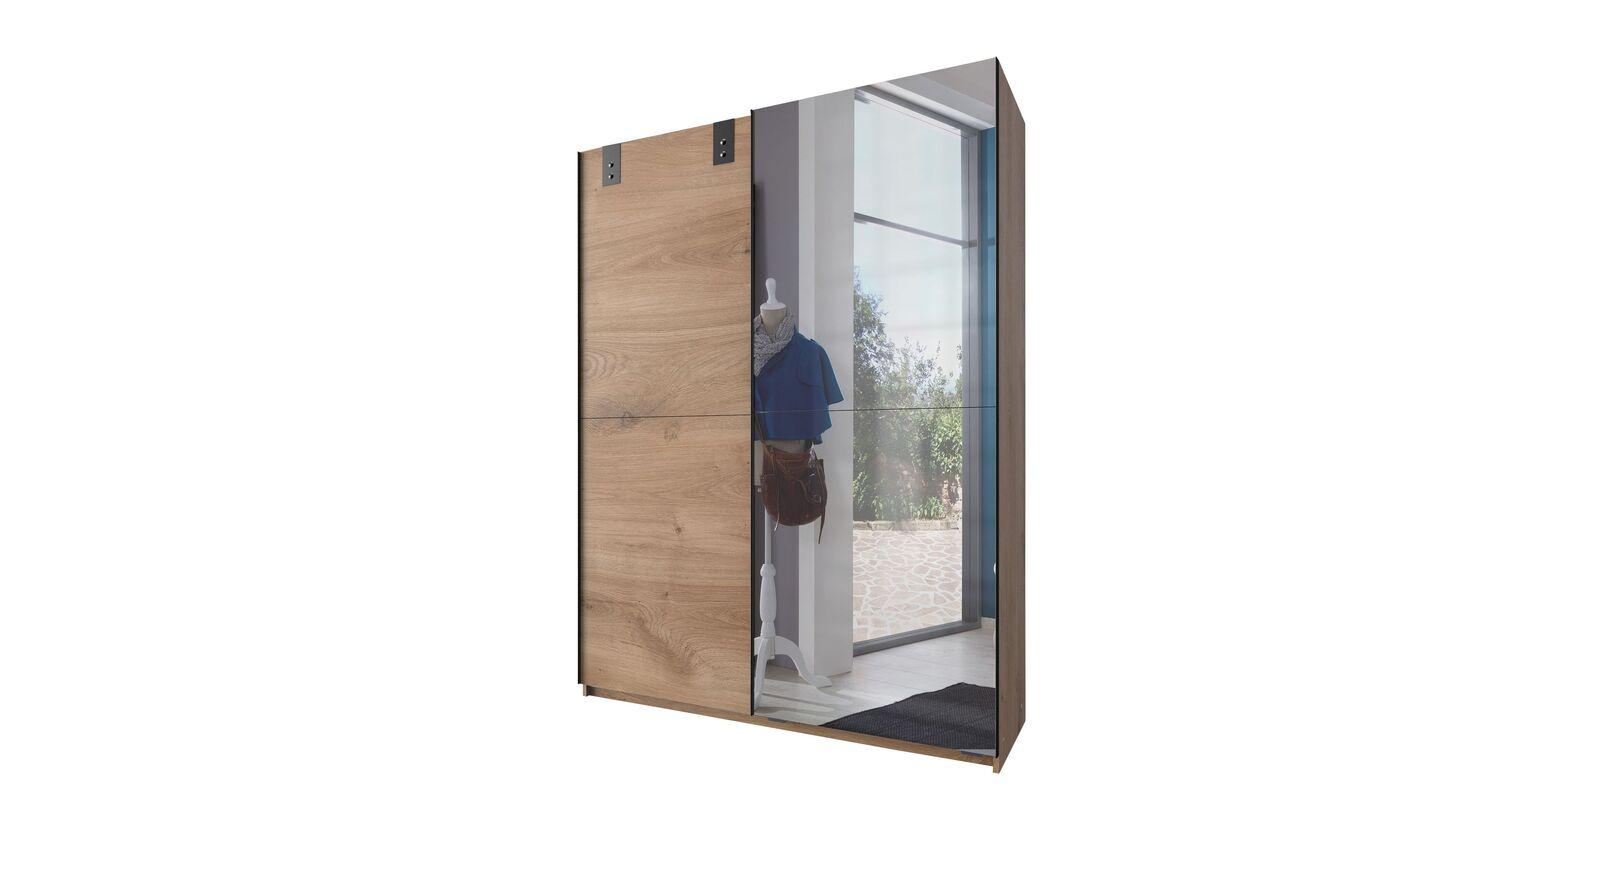 Spiegel-Schwebetüren-Kleiderschrank Nolans schmale Variante